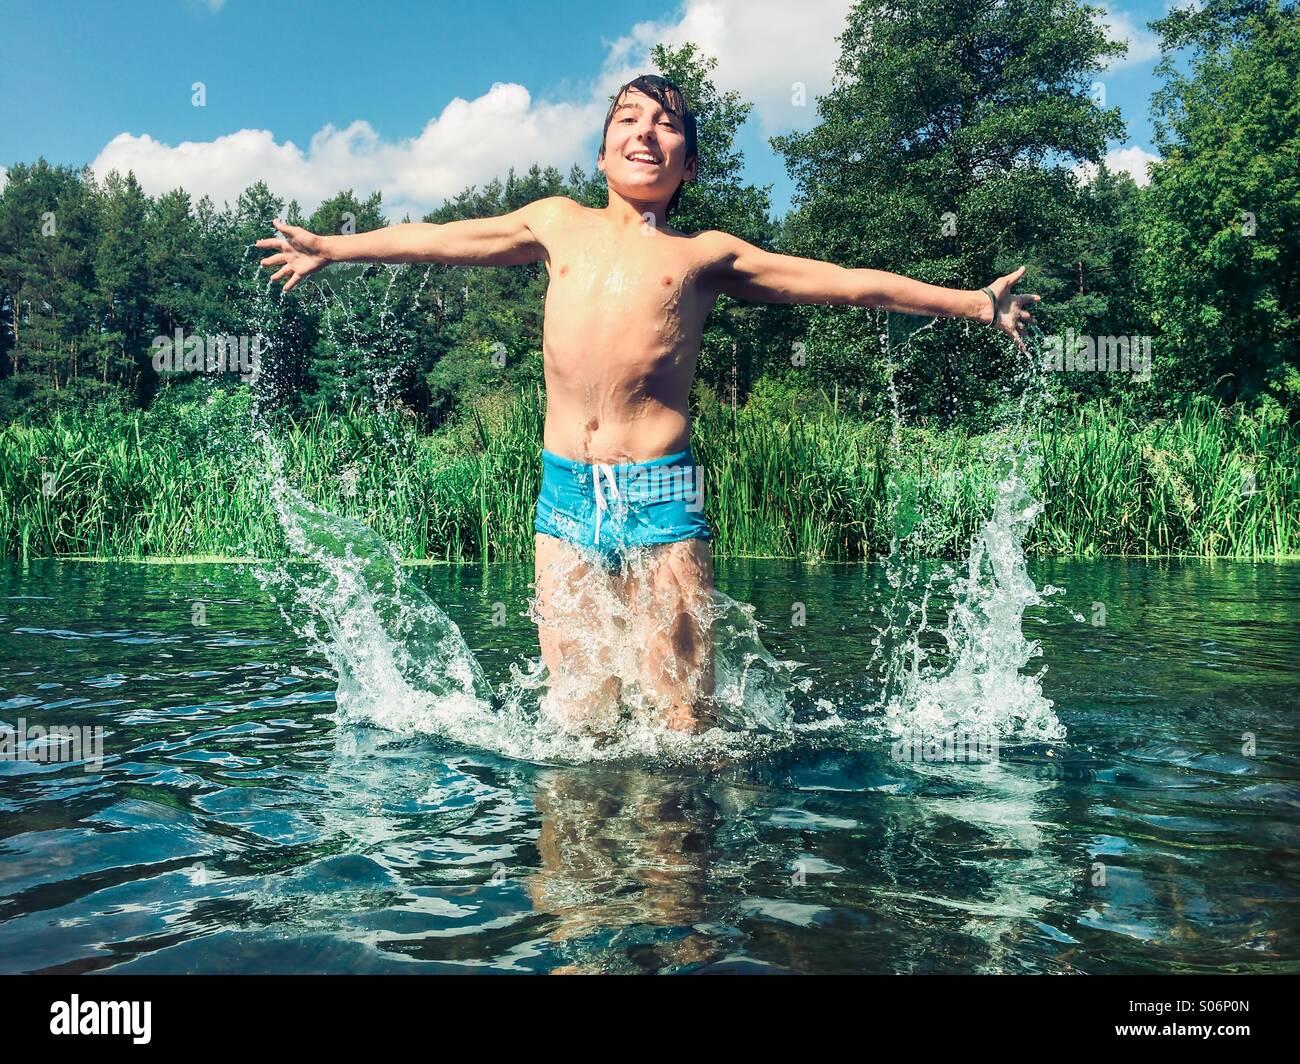 Ragazzo giovane schizzi nel fiume Immagini Stock